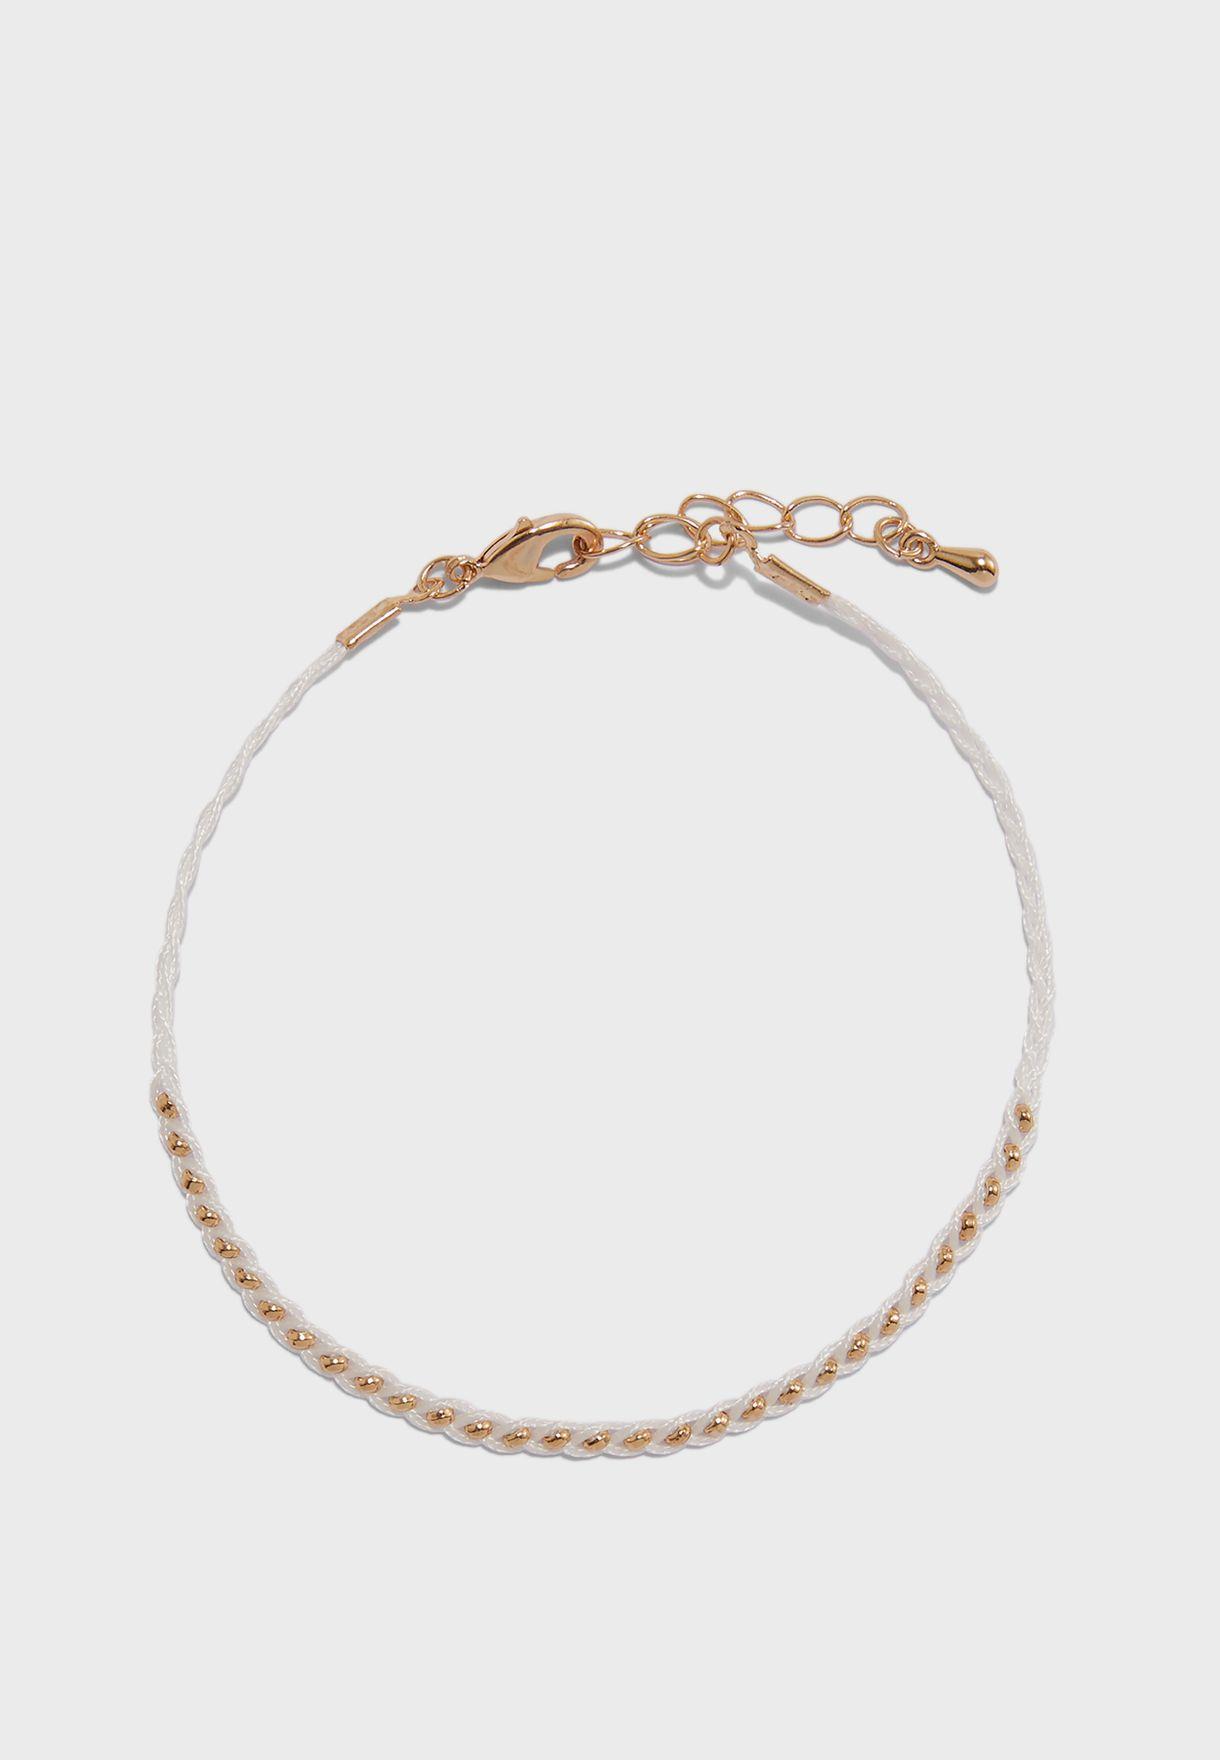 String Beading Bracelet